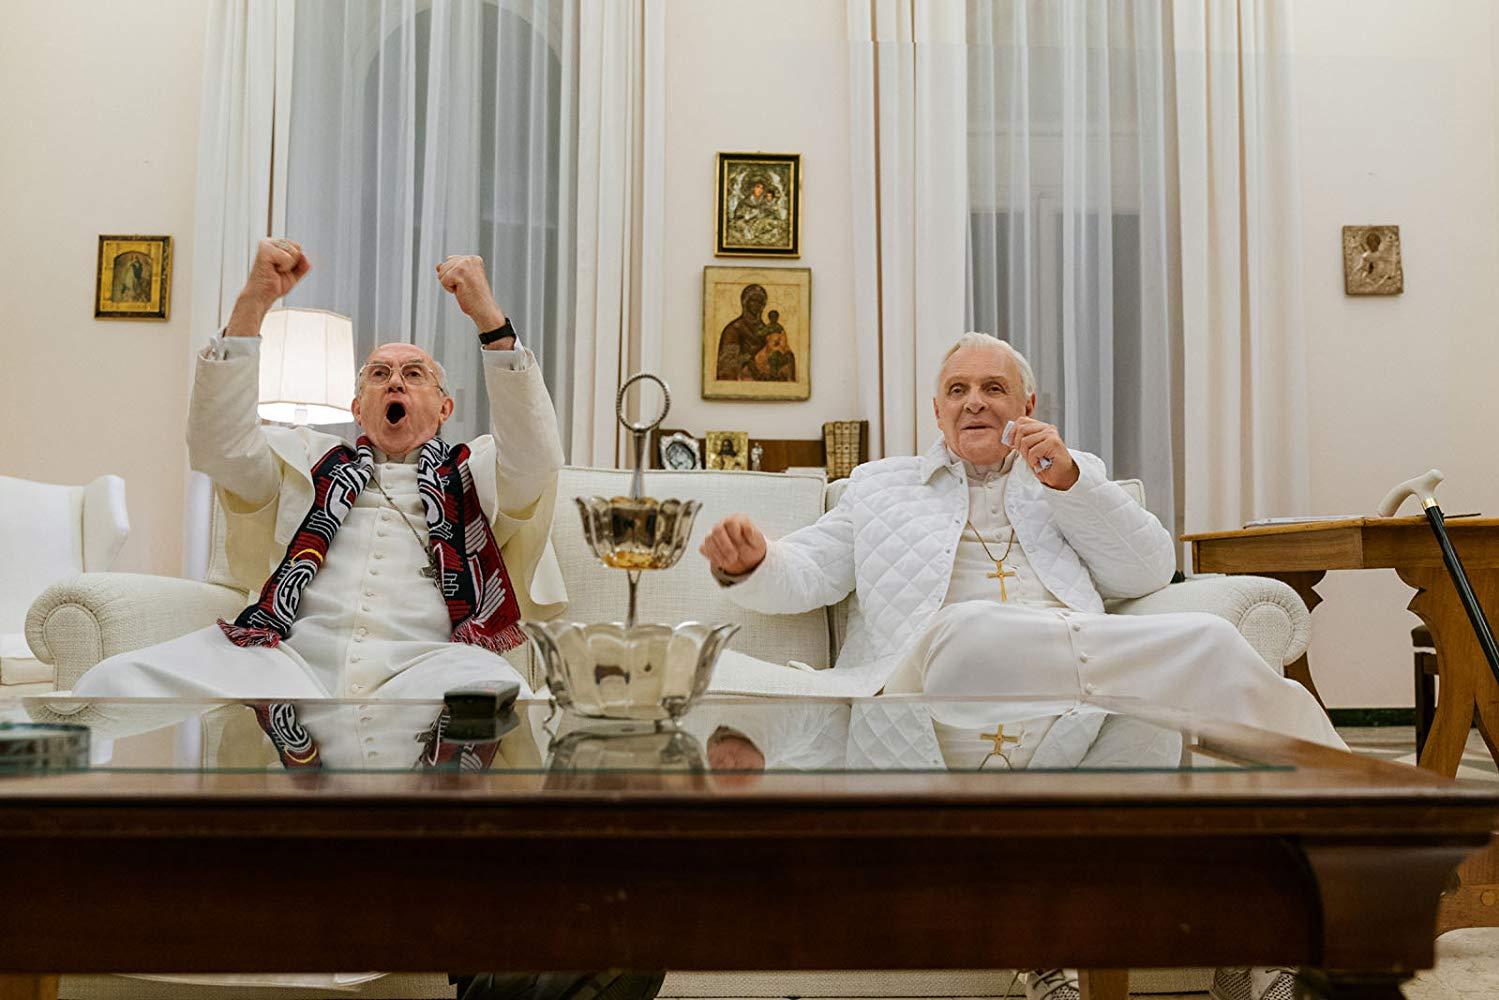 Reseña de la película Los dos papas de Netflix - The Two Popes